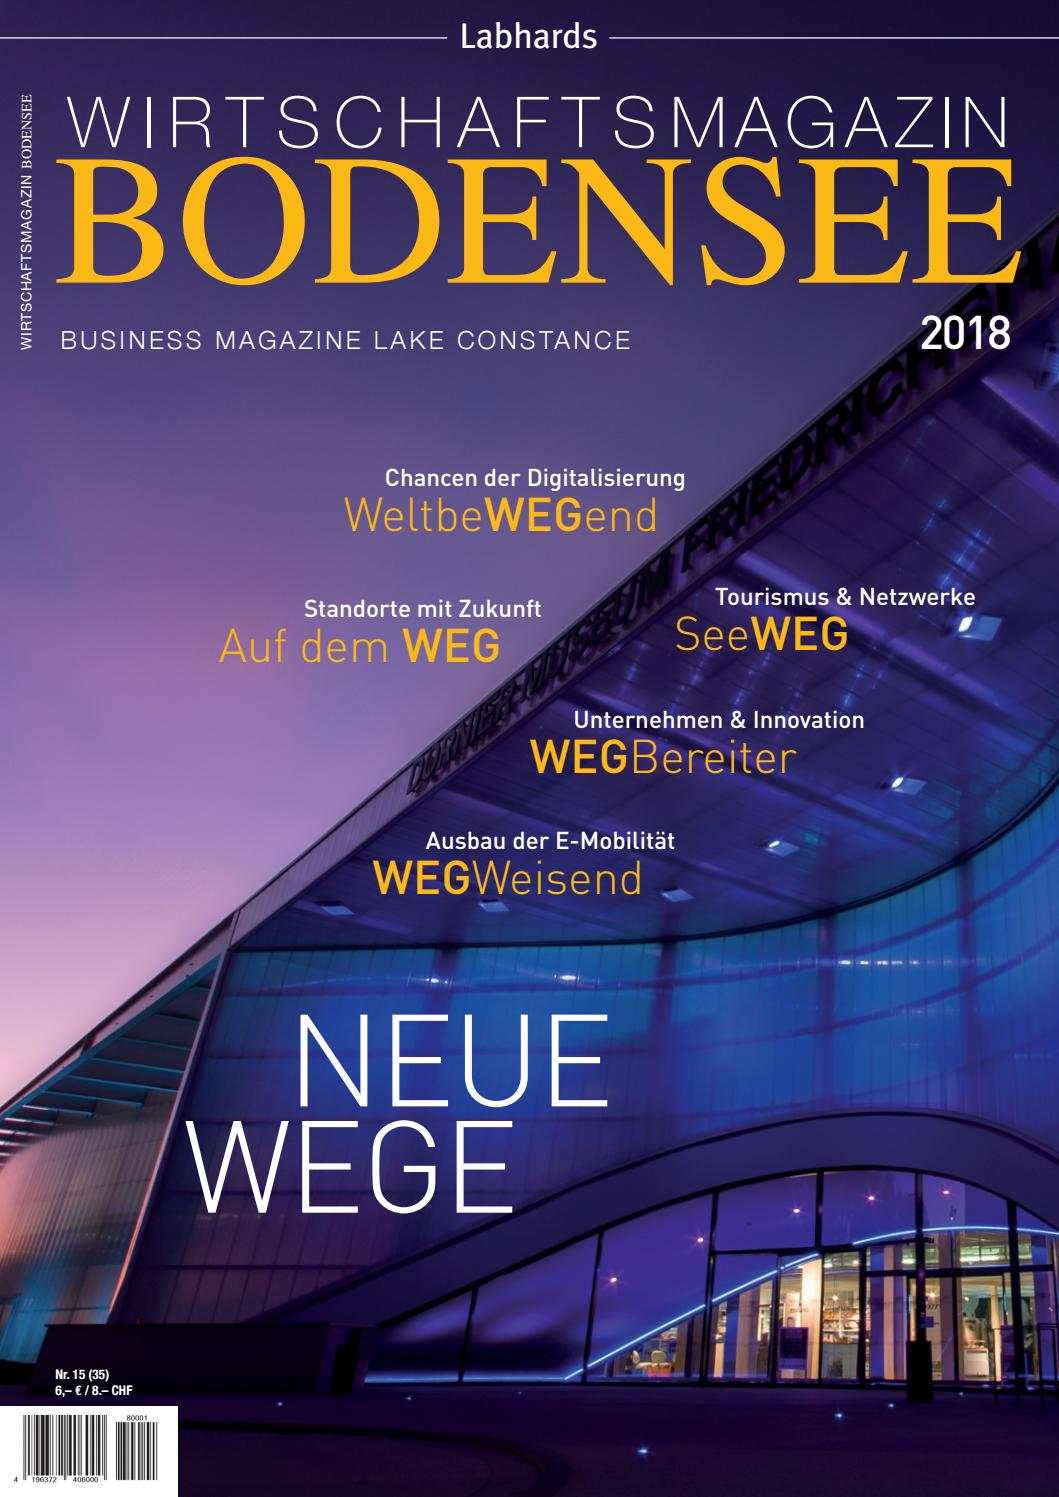 Wirtschaftsmagazin Bodensee 2018 By Labhard Medien Issuu